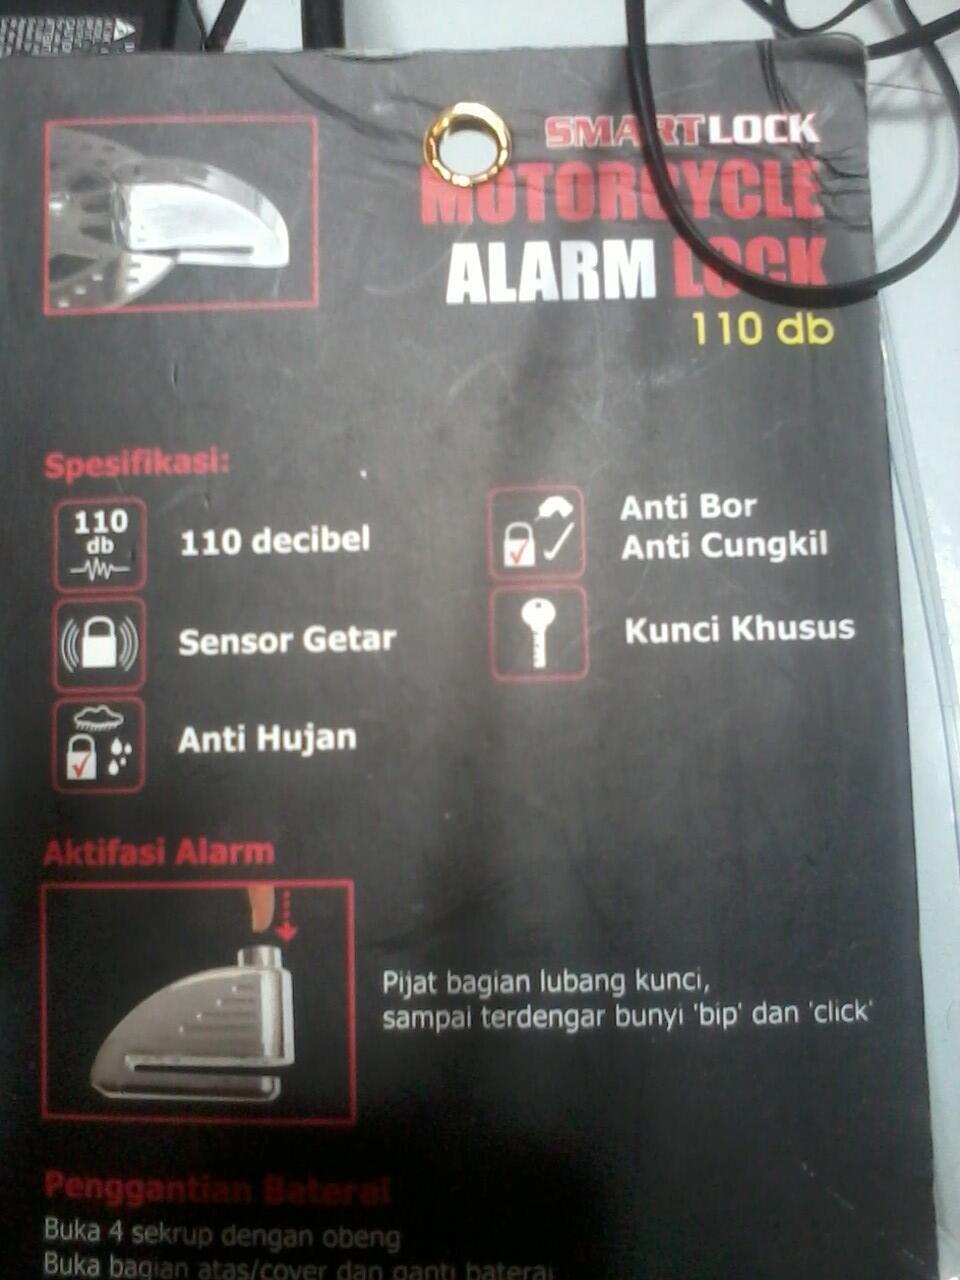 Jual gembok alarm motor / motorcycle alam lock